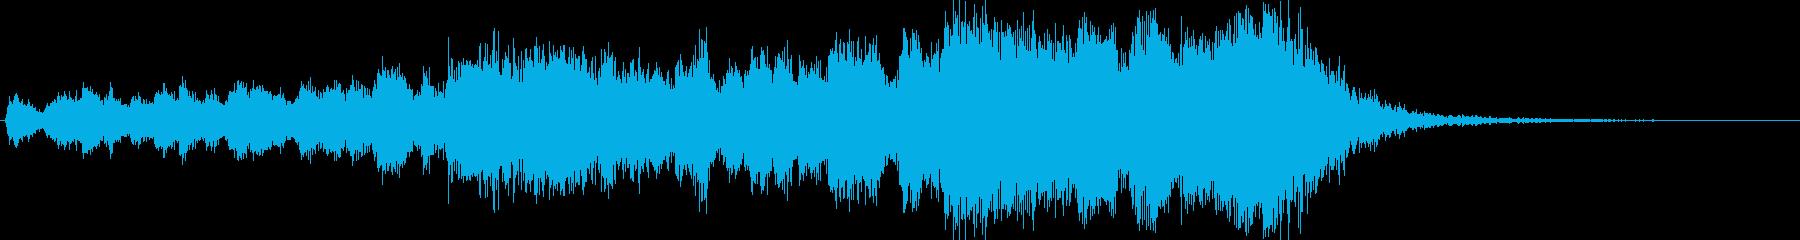 フーガ風の凝った金管ファンファーレの再生済みの波形